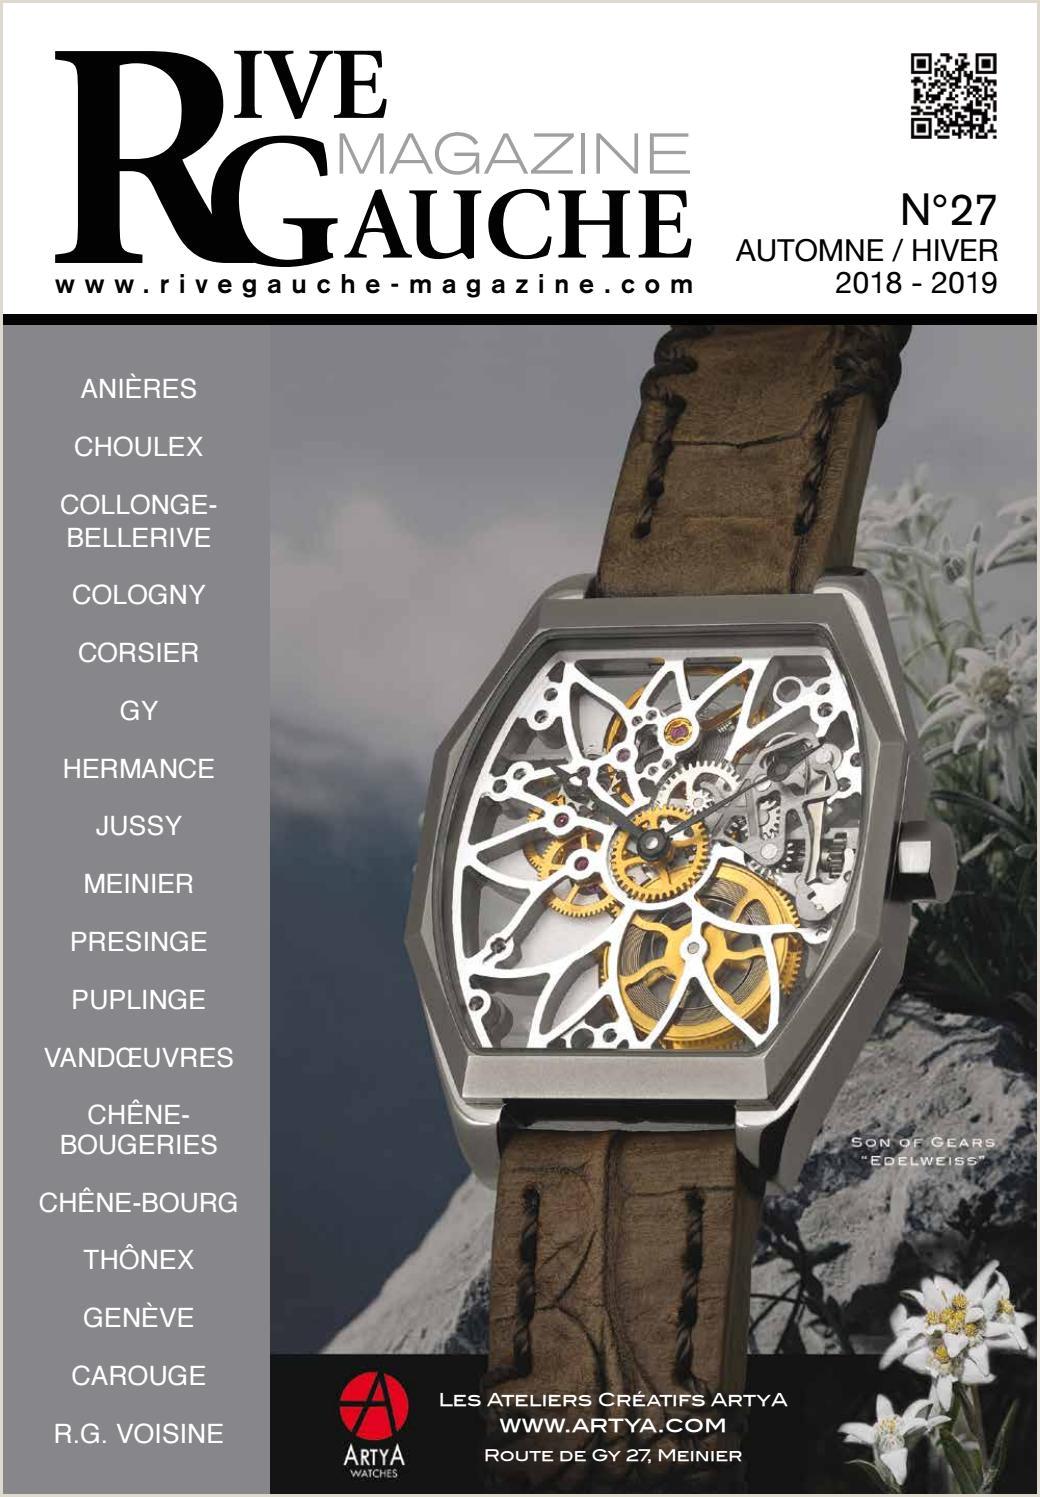 Rive Gauche Magazine n°27 by Daniel issuu